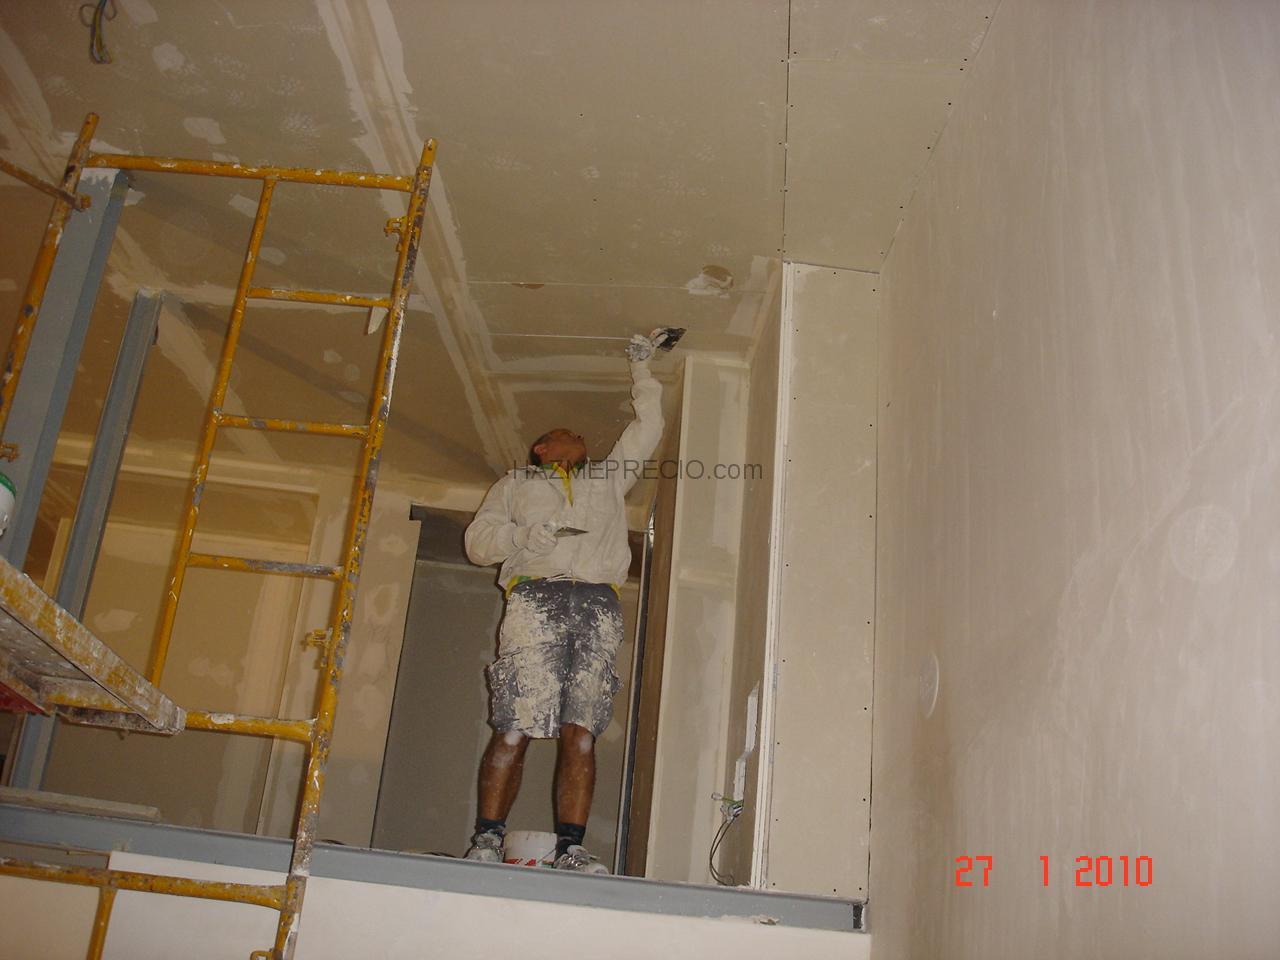 Presupuesto para insonorizar acusticamente mi vivienda for Insonorizar pared precio